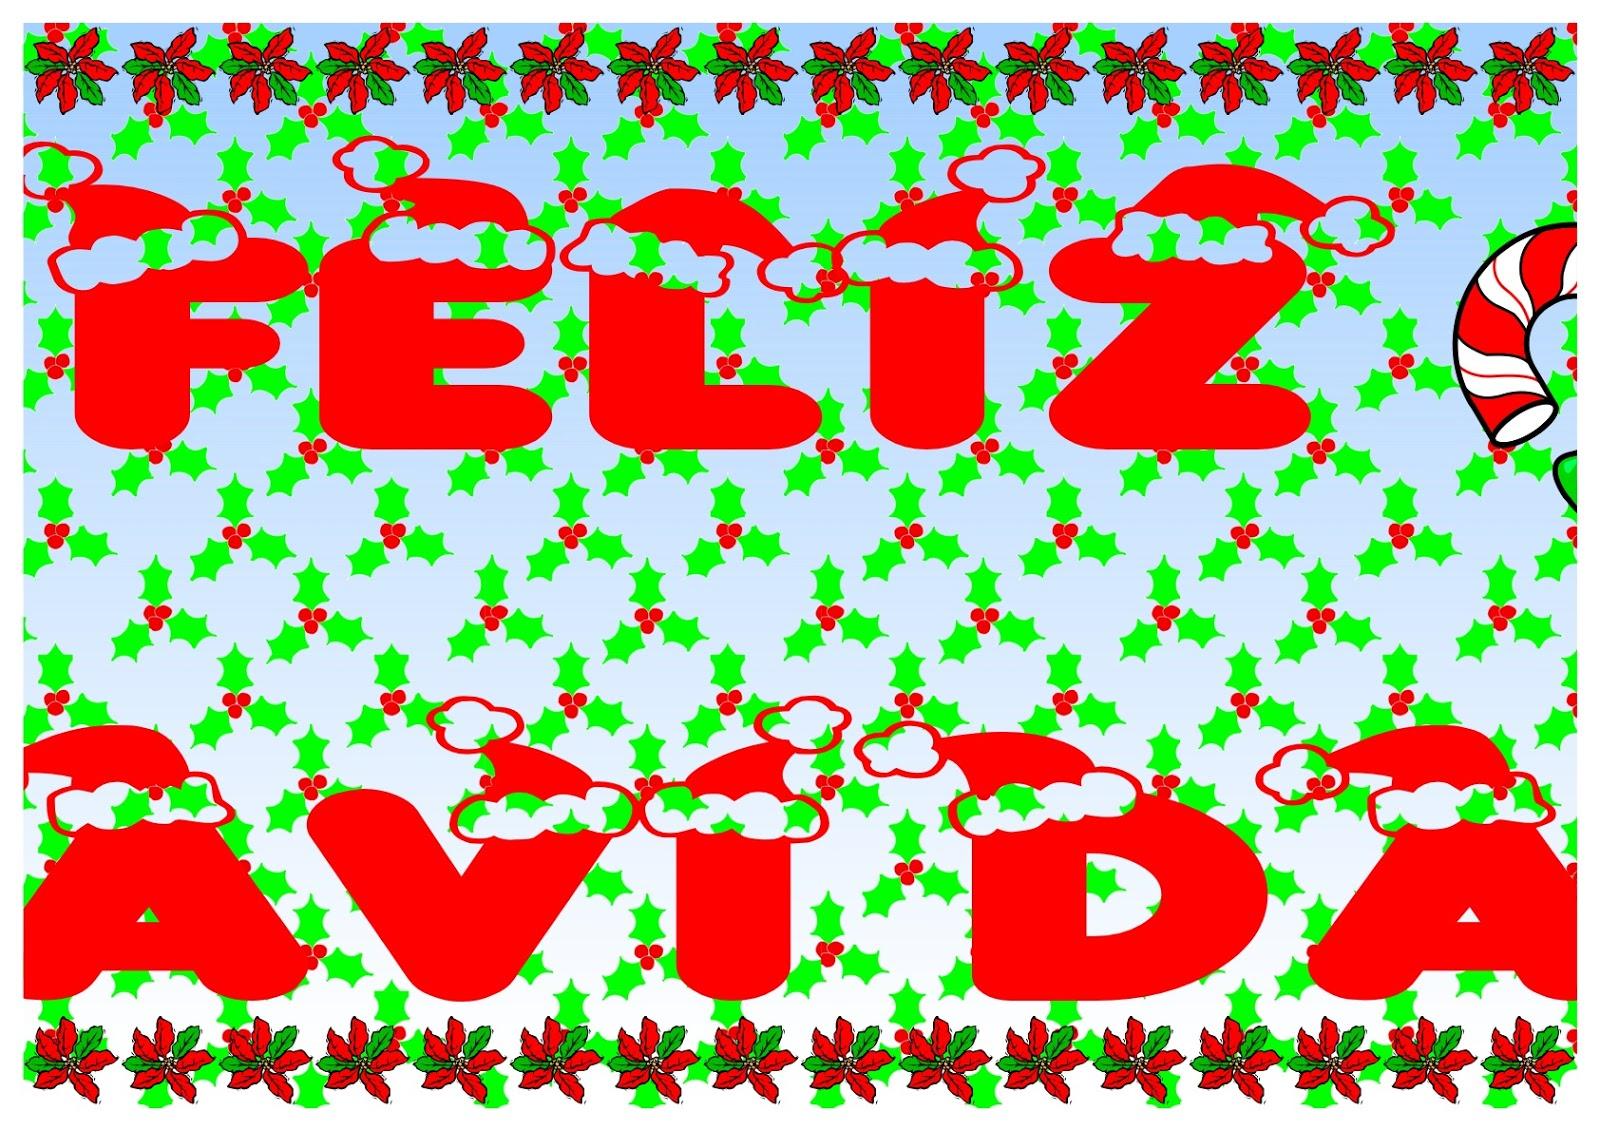 El rinc n de infantil carteles de navidad para el aula for Ambientacion para navidad